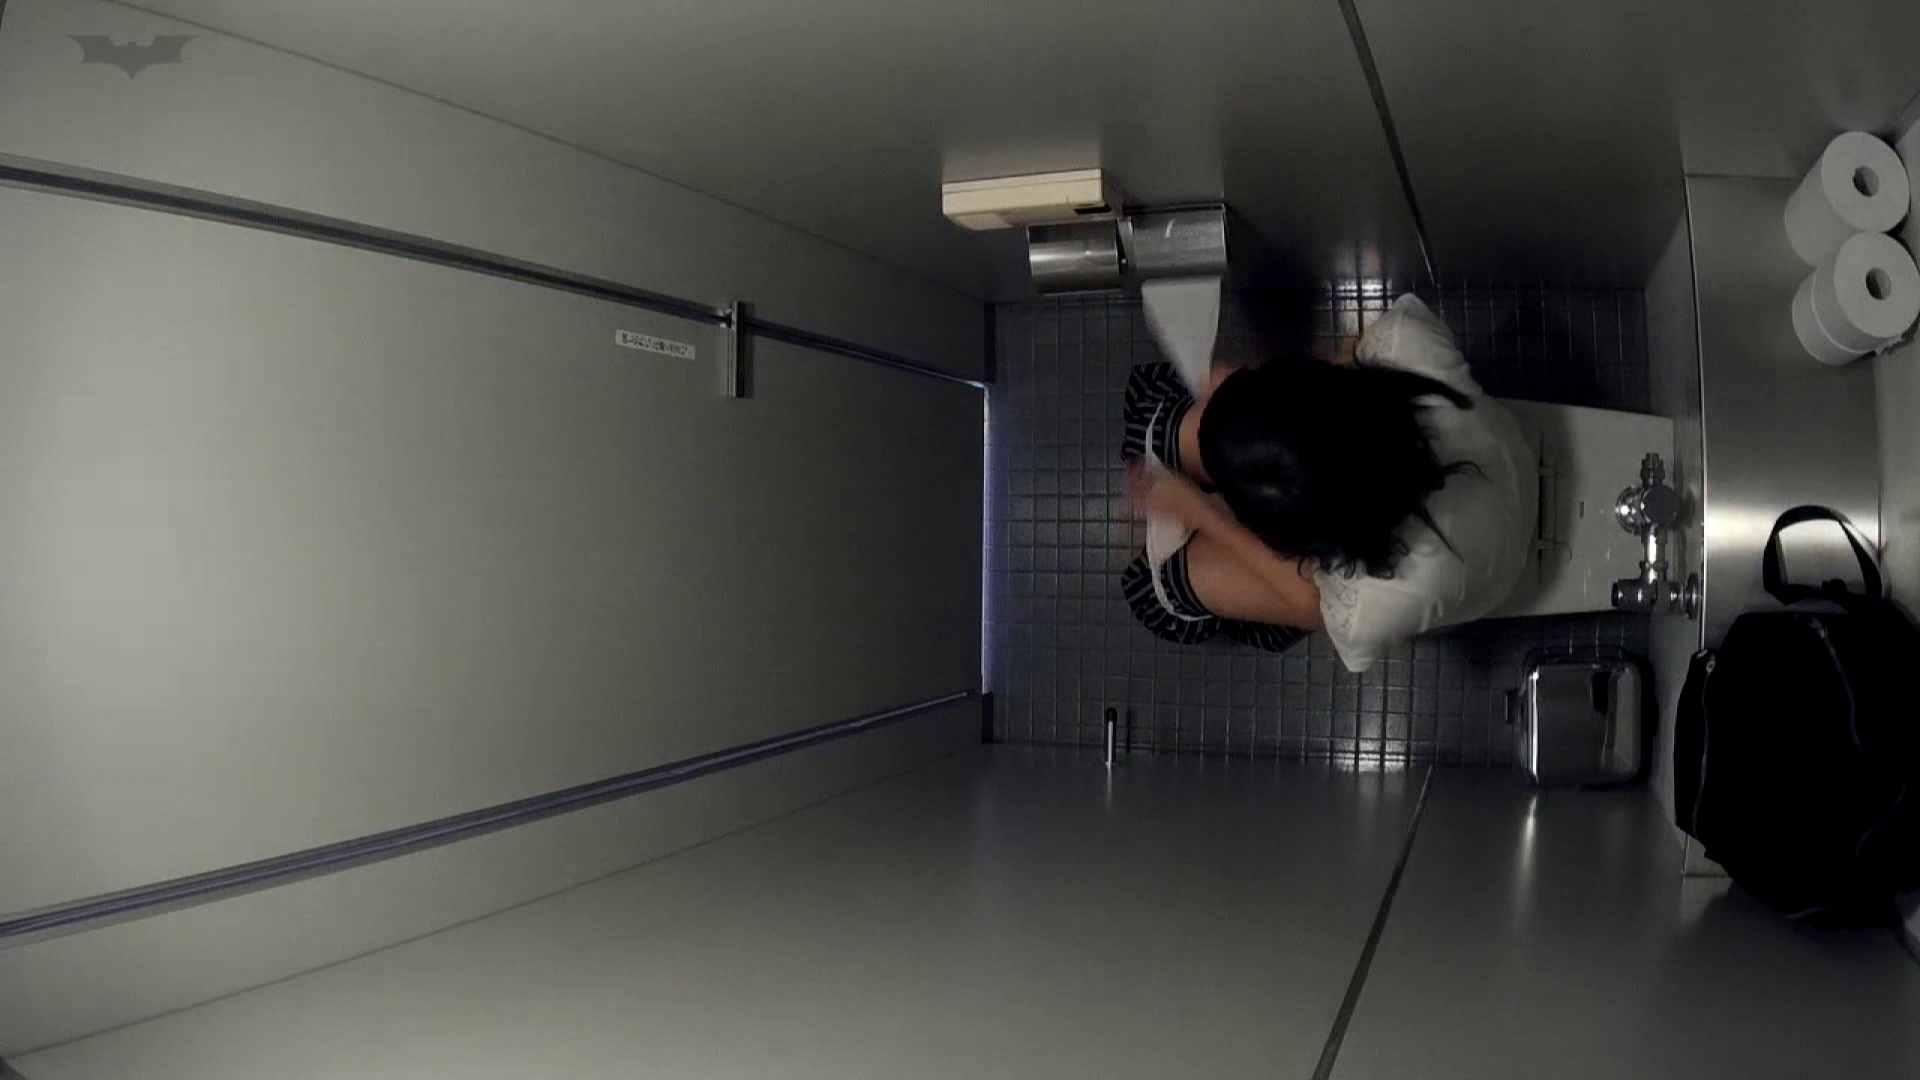 有名大学女性洗面所 vol.45 冴え渡る多方向撮影!職人技です。 潜入  98pic 7